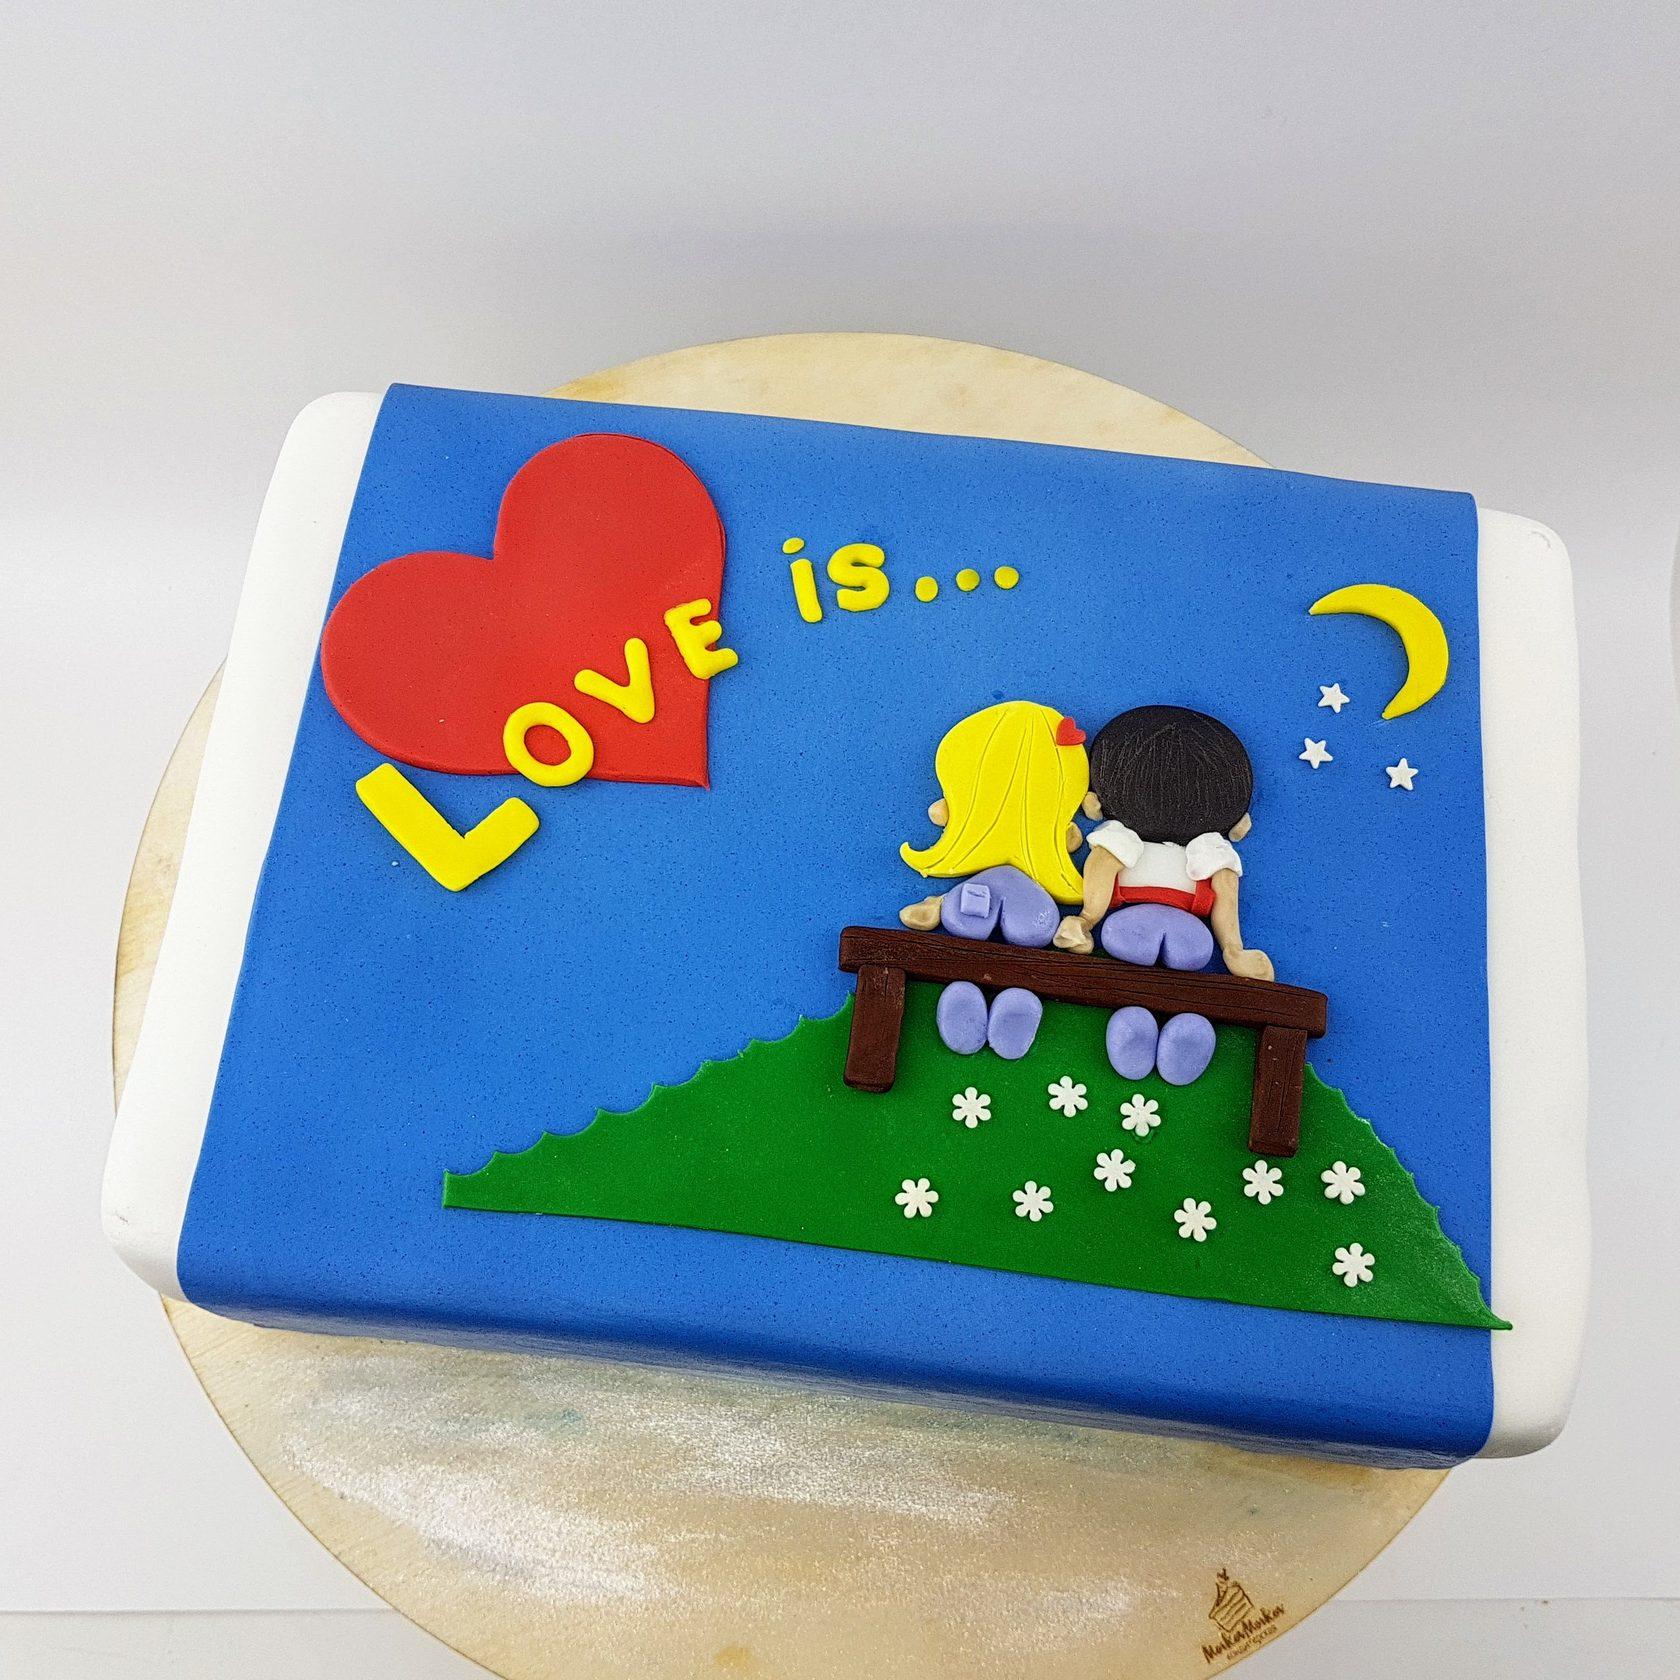 слову, это торт с картинками лав из протяжении многих веков